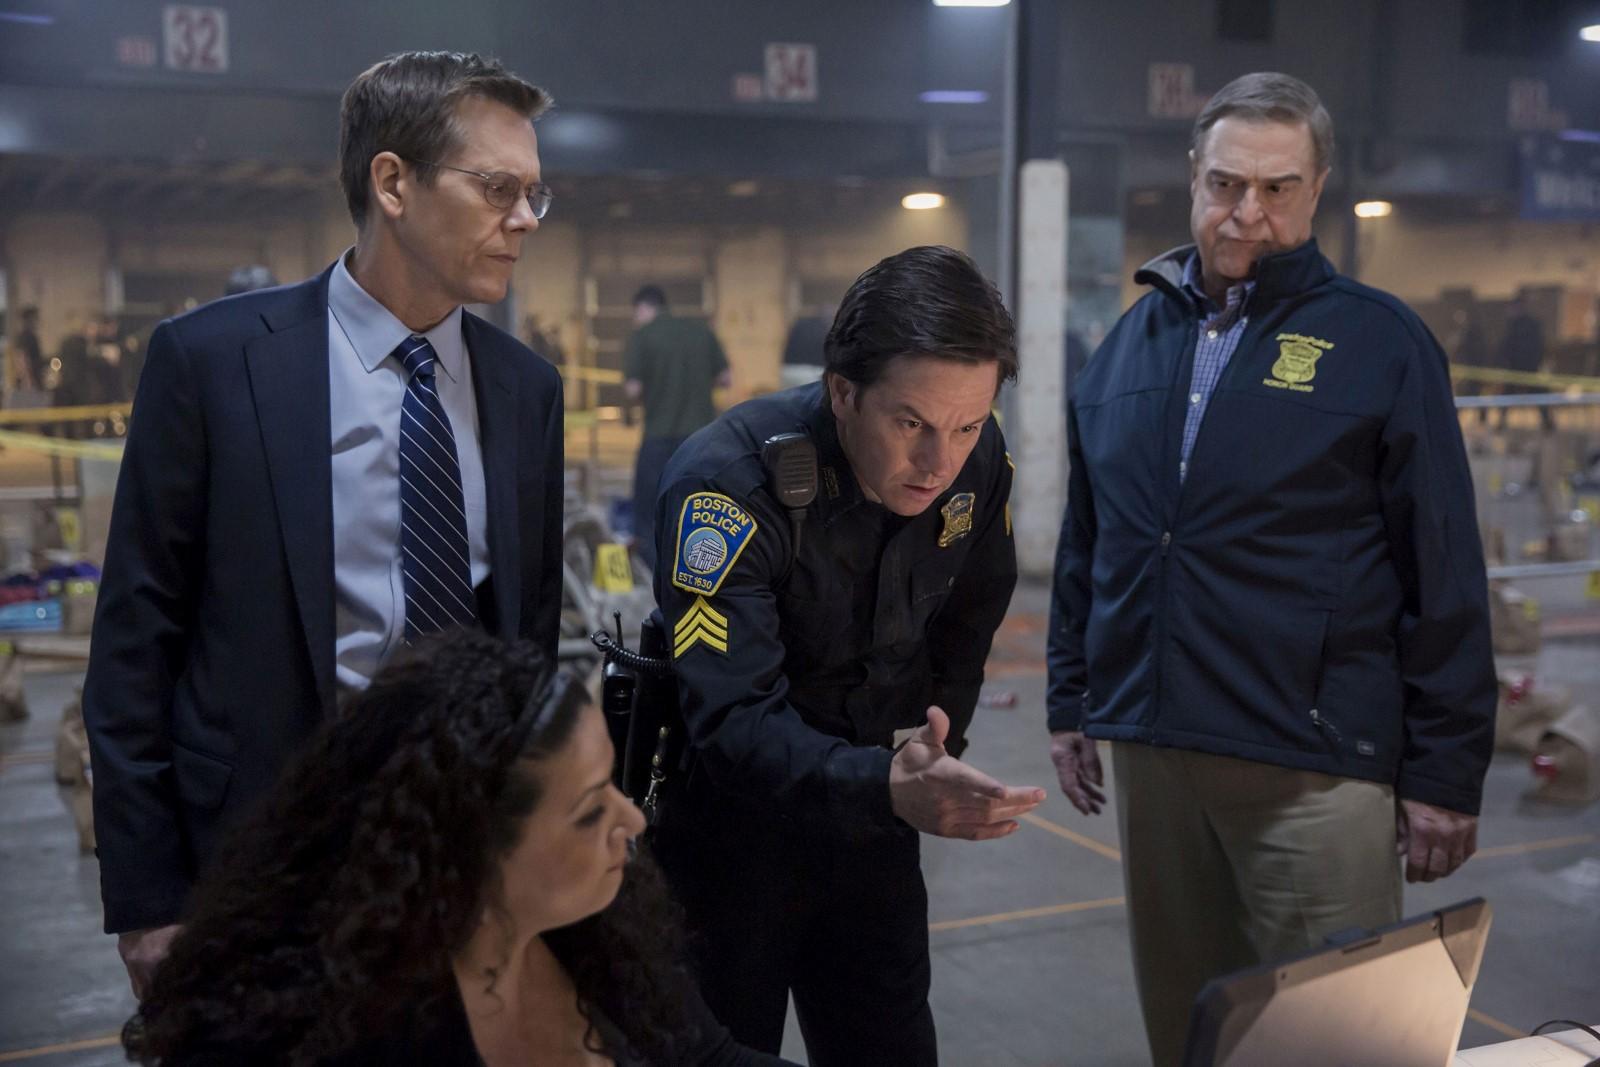 Dank der Unterstützung von Sgt. Tommy Saunders (Mark Wahlberg, Mitte) gelingt es dem Team um FBI Special Agent Richard DesLauriers (Kevin Bacon, rechts) und Commissioner Ed Davis (John Goodman, links) die Attentäter auf Videoaufzeichnungen ausfindig zu machen.